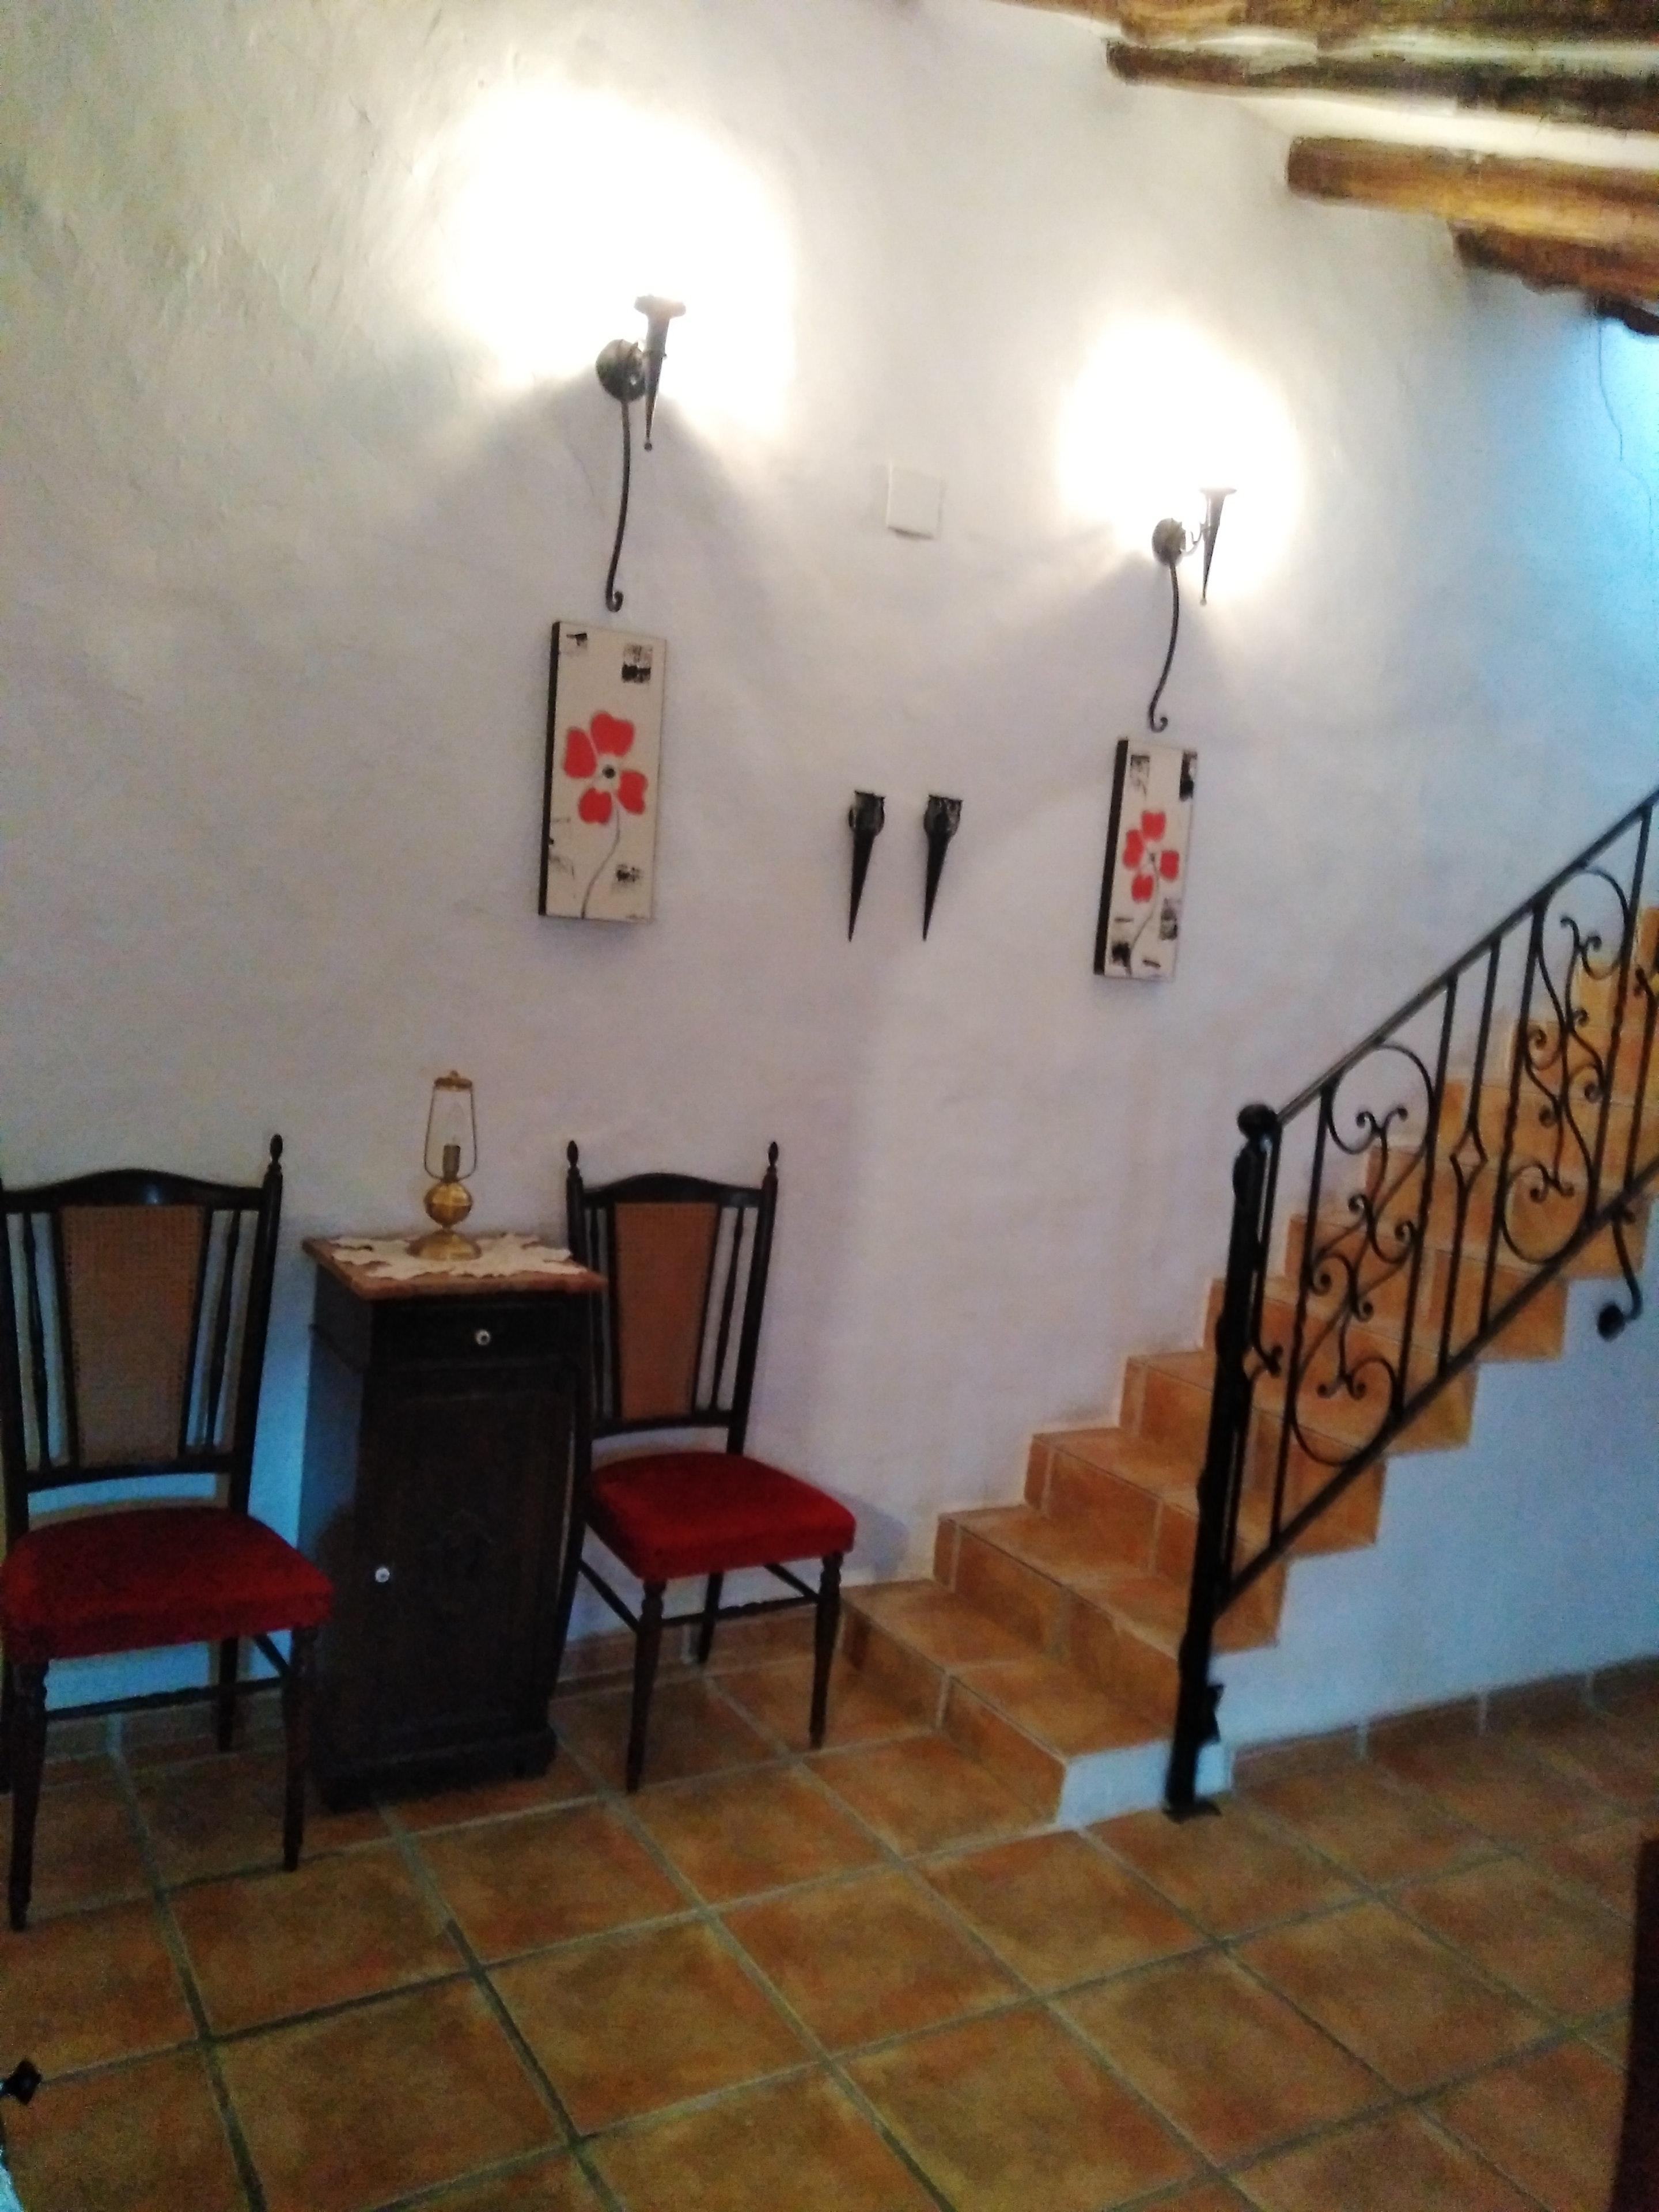 Ferienhaus Haus mit 5 Schlafzimmern in Casas del Cerro mit toller Aussicht auf die Berge und möbliert (2201517), Casas del Cerro, Albacete, Kastilien-La Mancha, Spanien, Bild 20